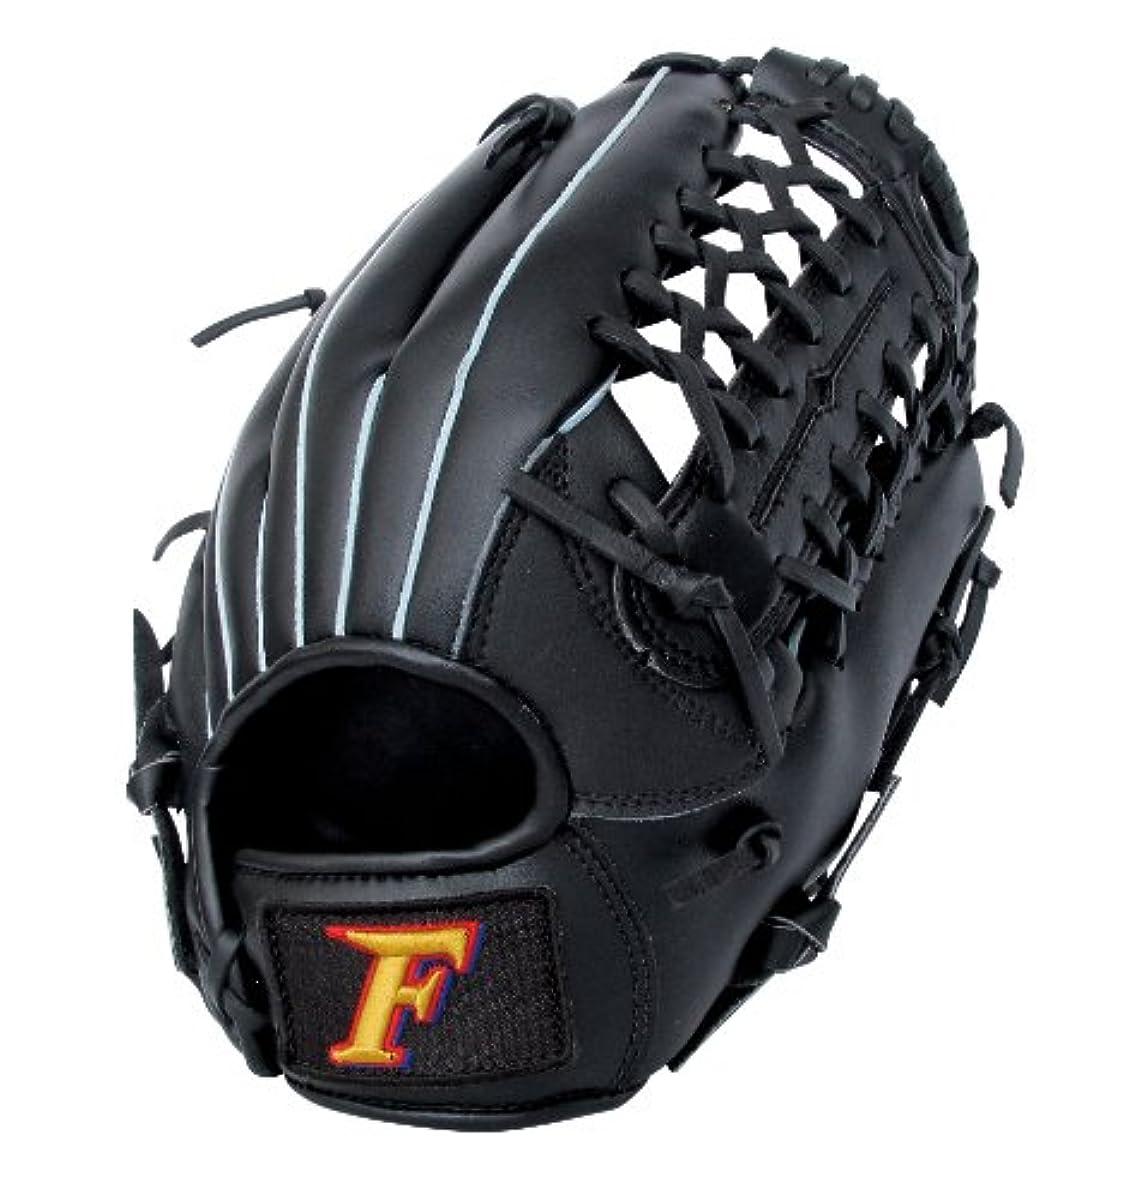 [해외] 사쿠라 이 무역SAKURAI FALCON팔콘Falcon 야구 일반 연식용 글러브글러브 올라운드용 FG-6001